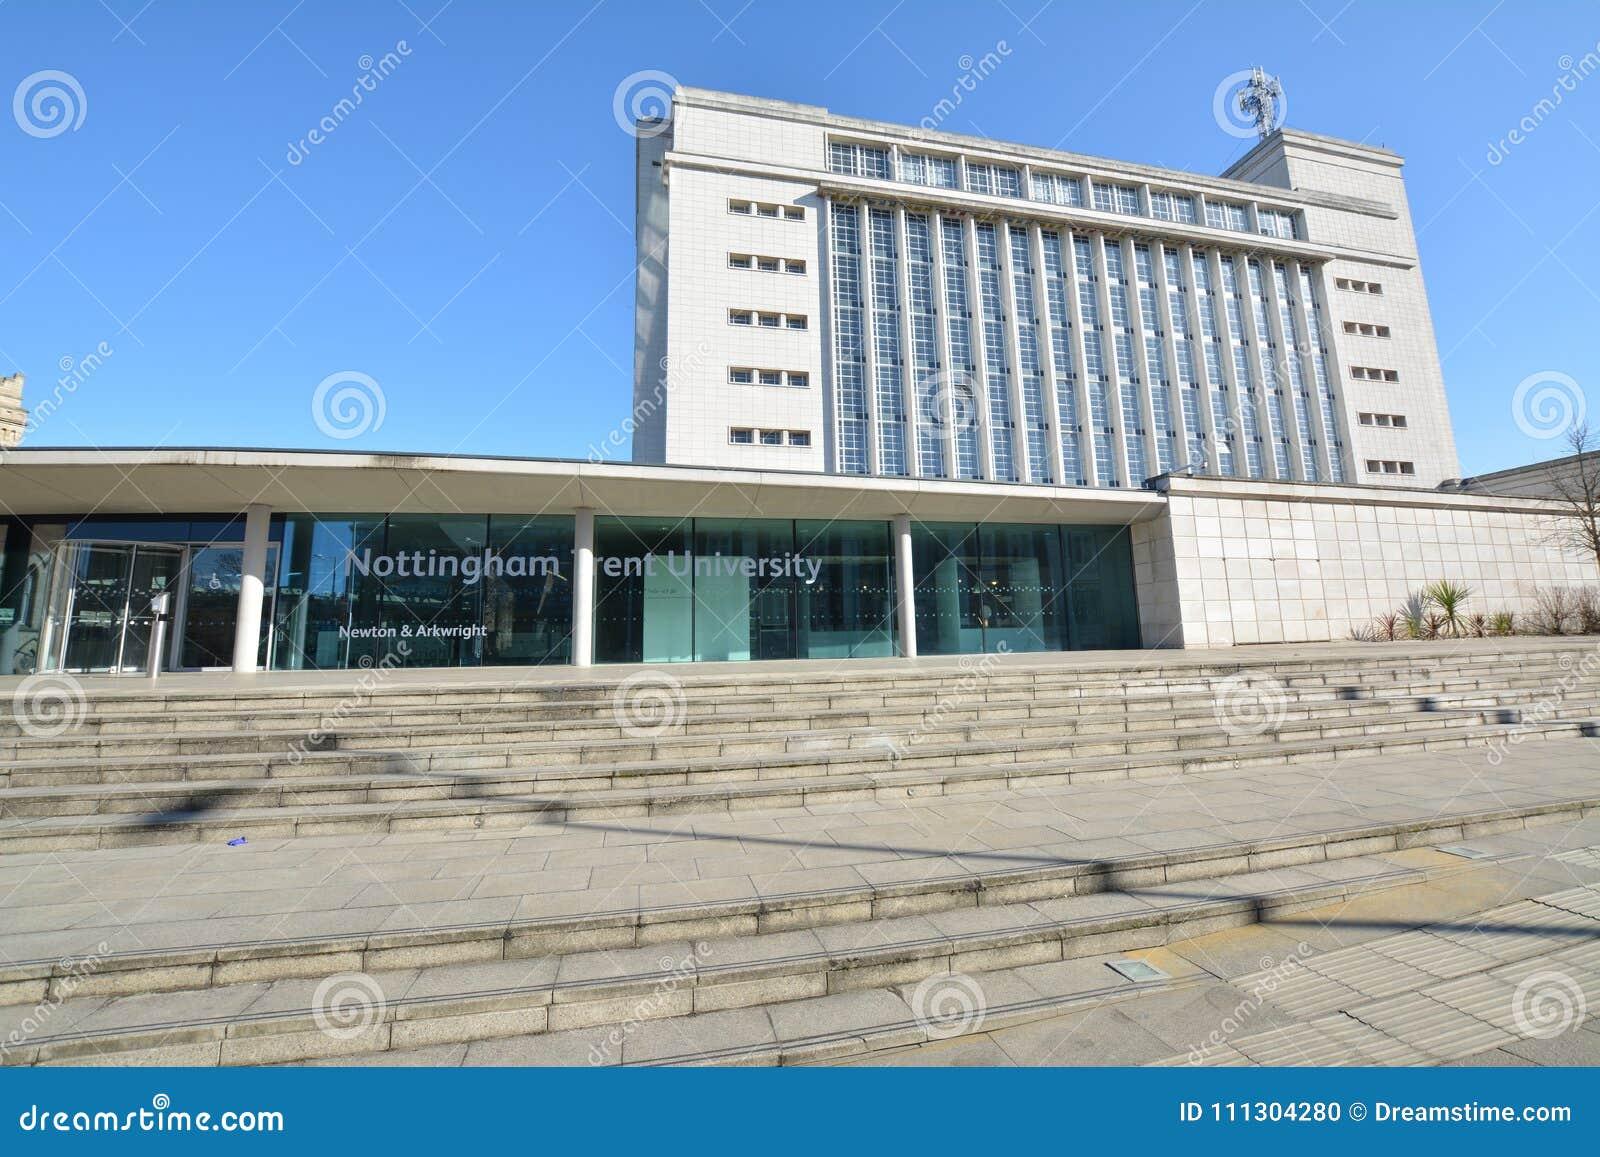 Trent University Nottingham in Inghilterra - Europa